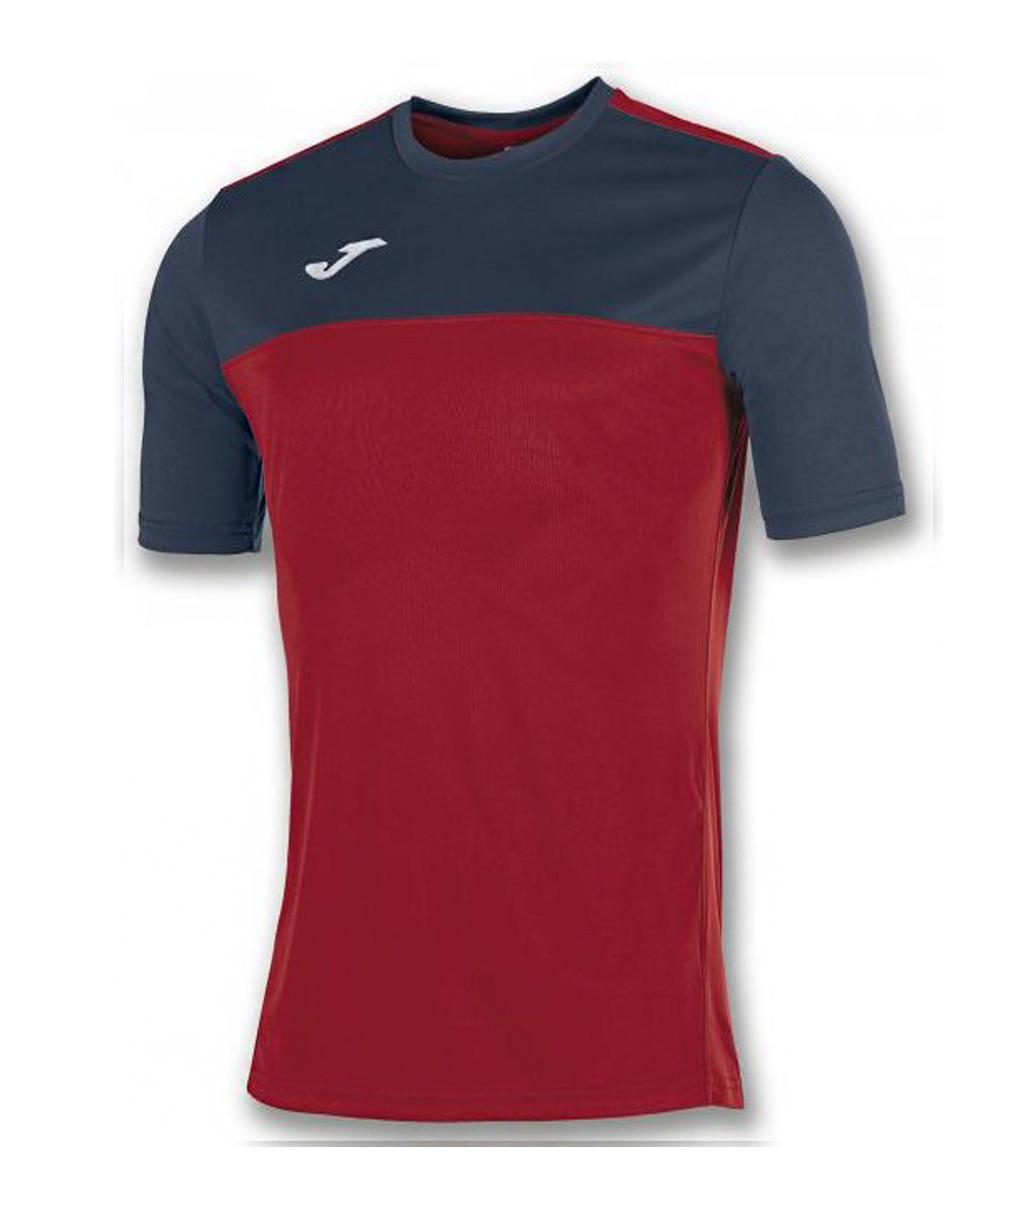 Купить футболку Joma Winner 100946.603 в интернет-магазине